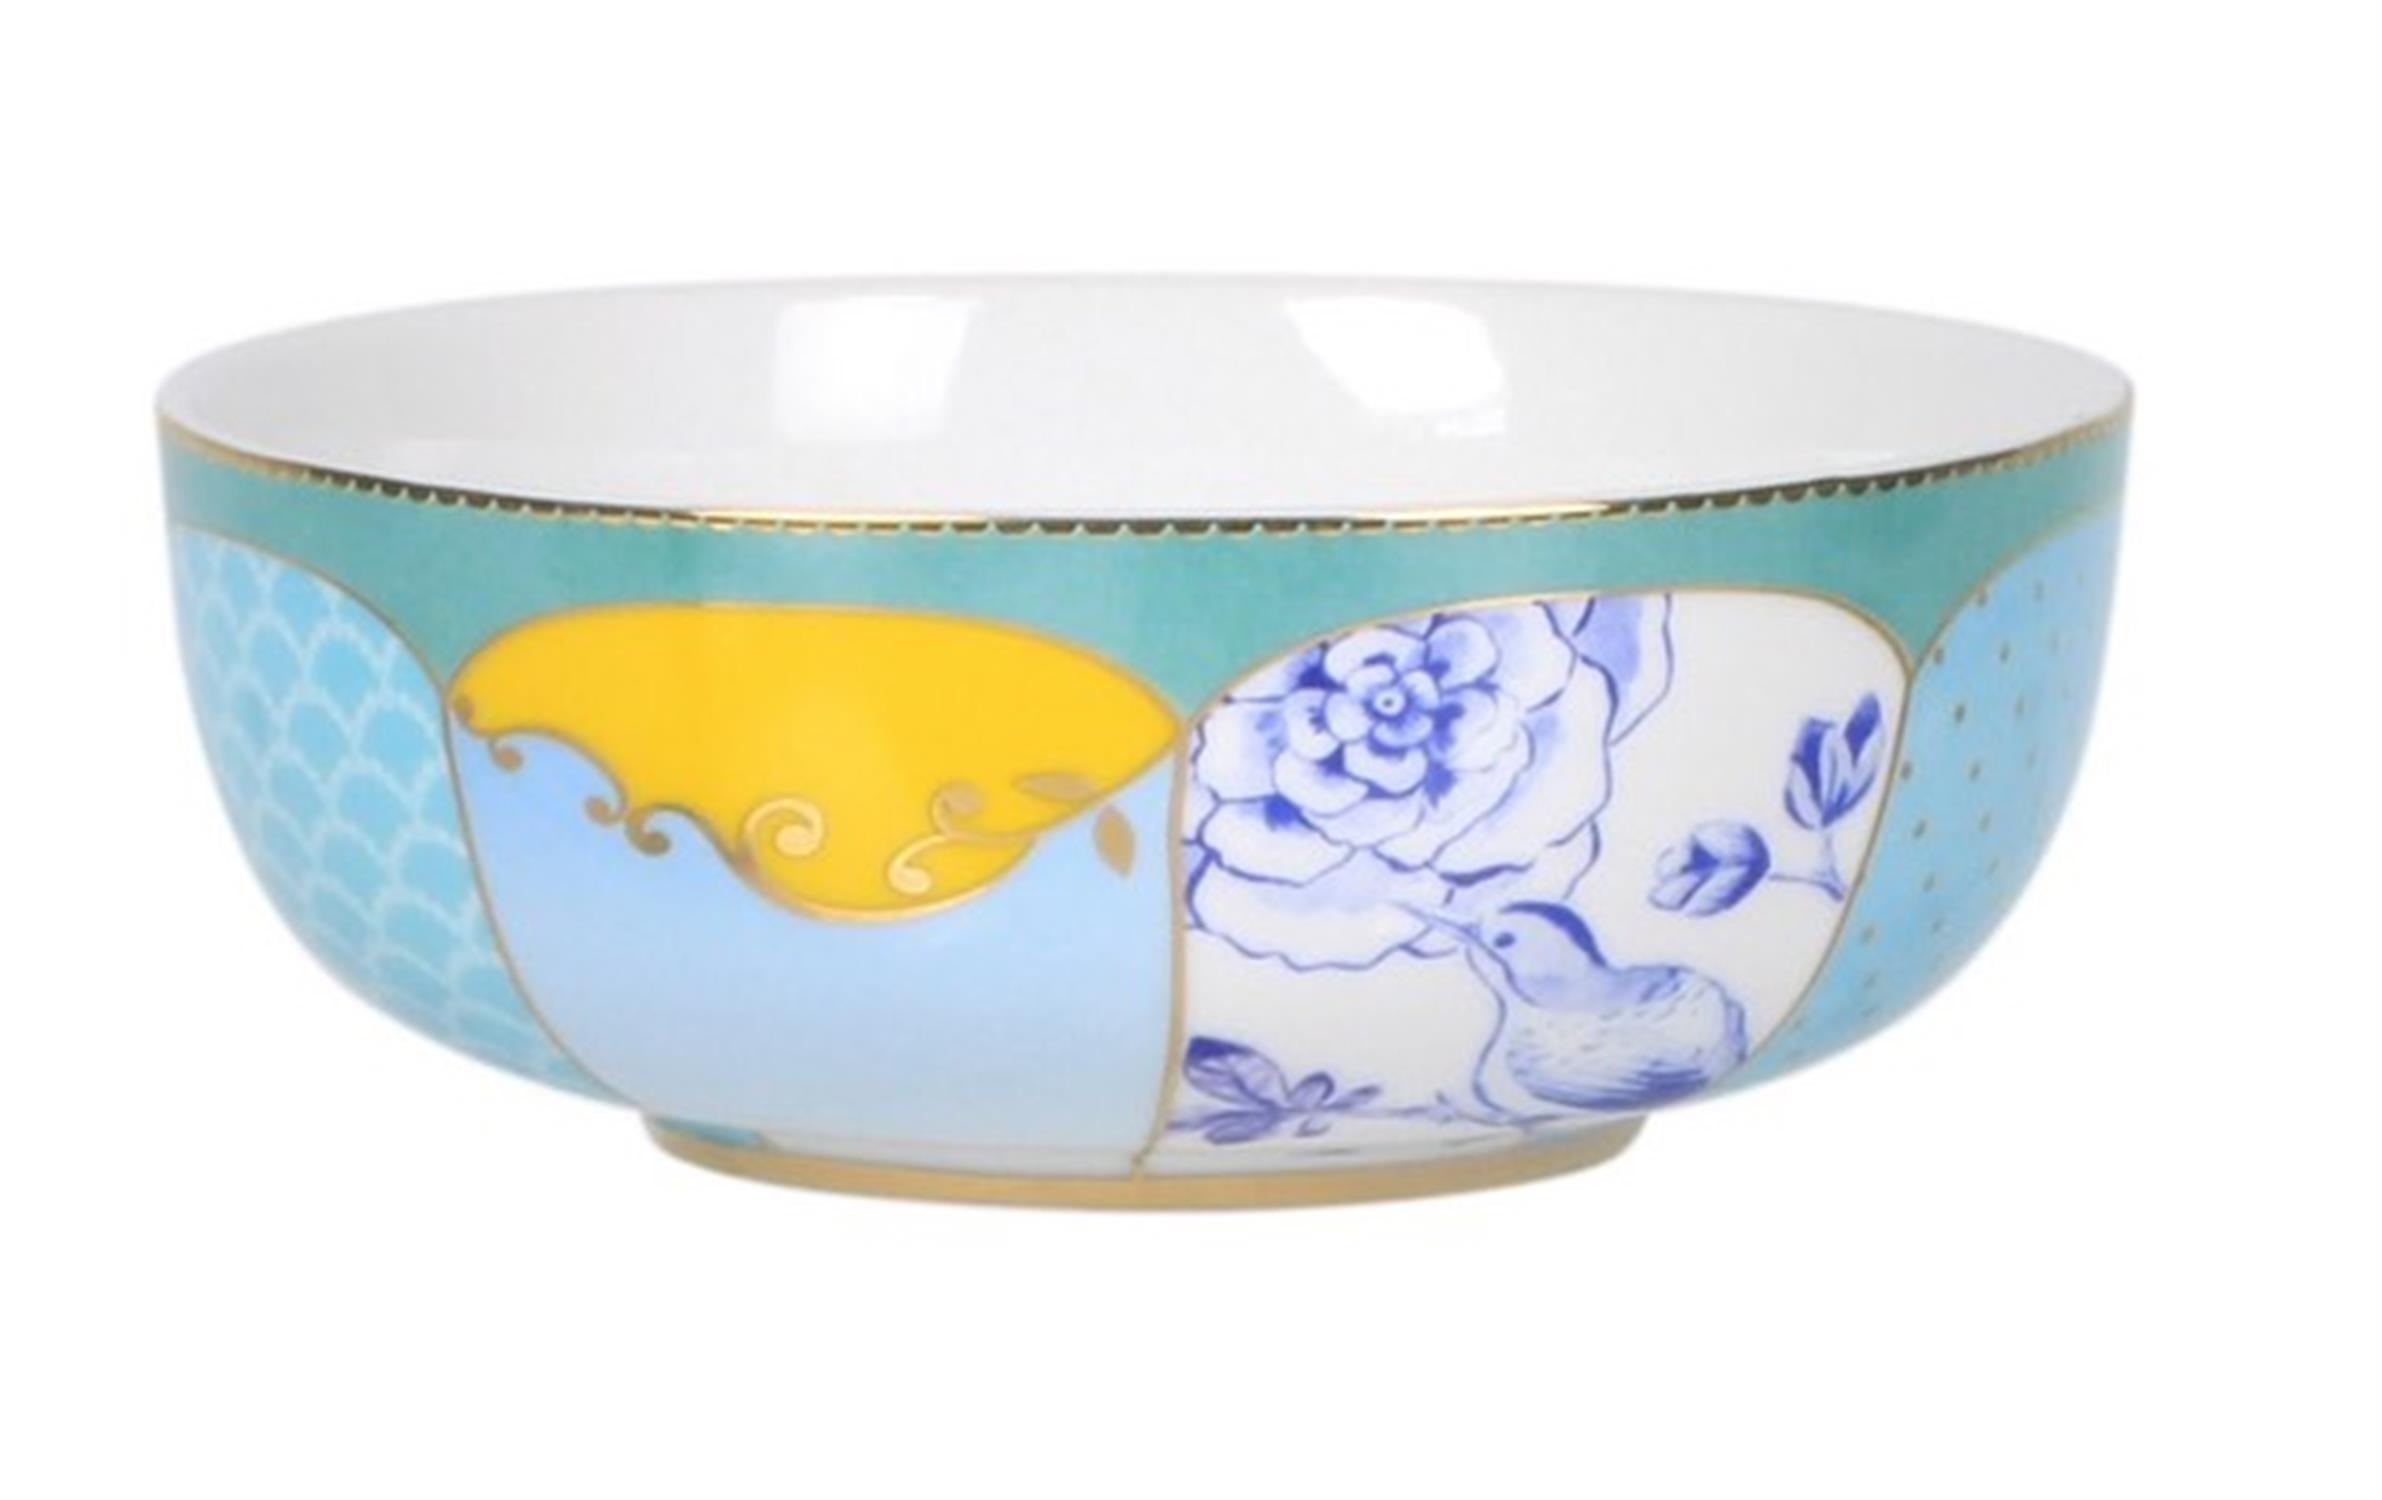 Μπωλ σαλάτας Royal Floral πορσελάνινο πολύχρωμο Δ-15cm Pip Studio 51003045